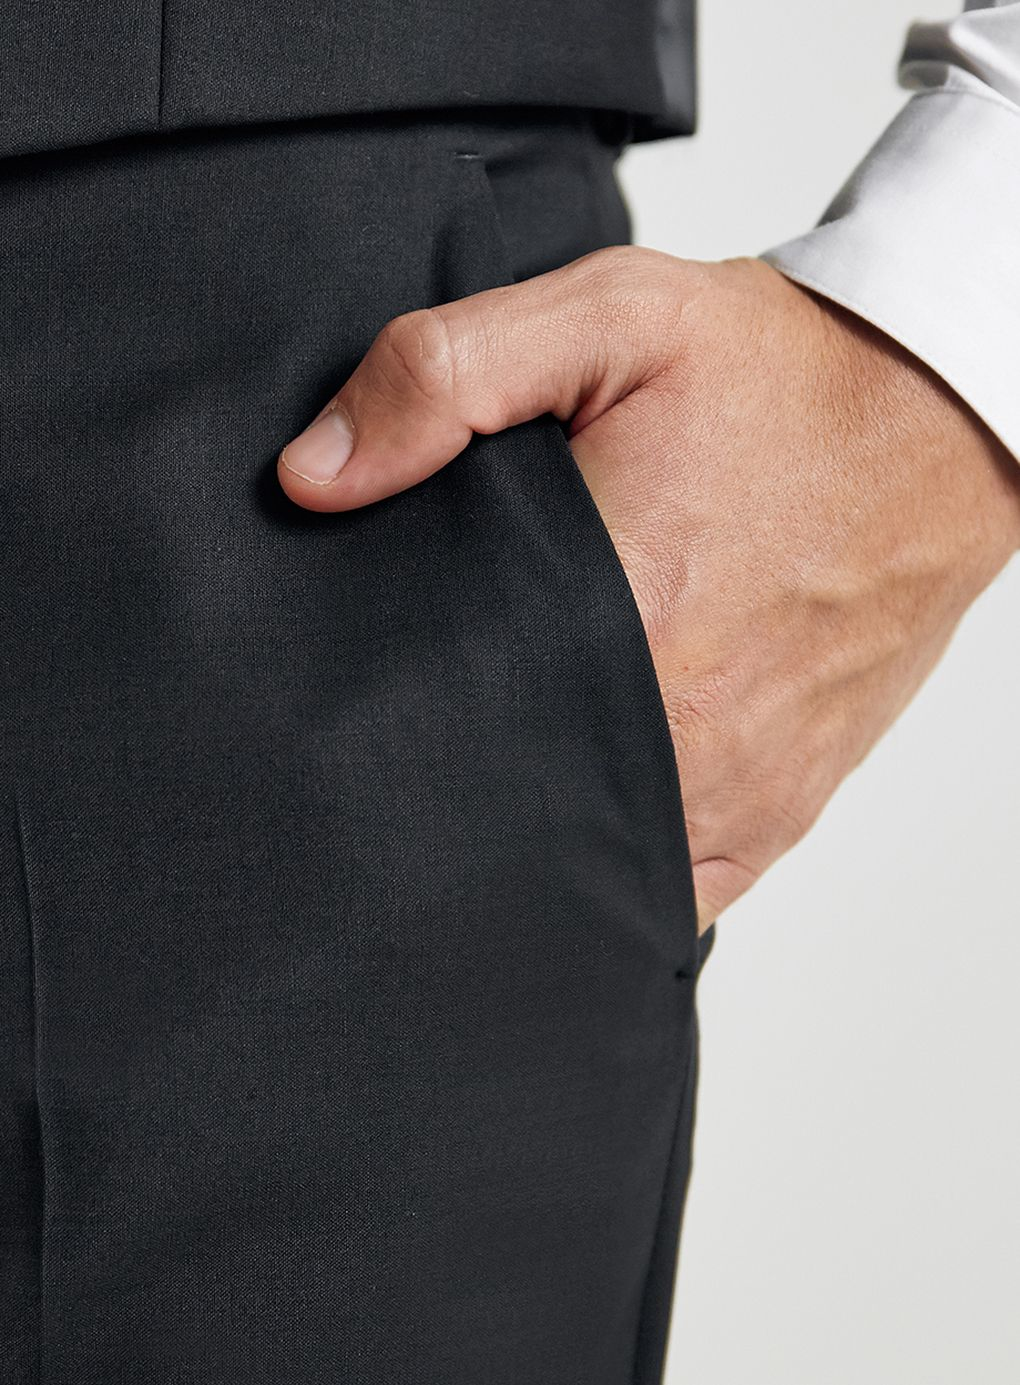 TOPMAN Premium Skinny Fit Suit Trousers in Black for Men